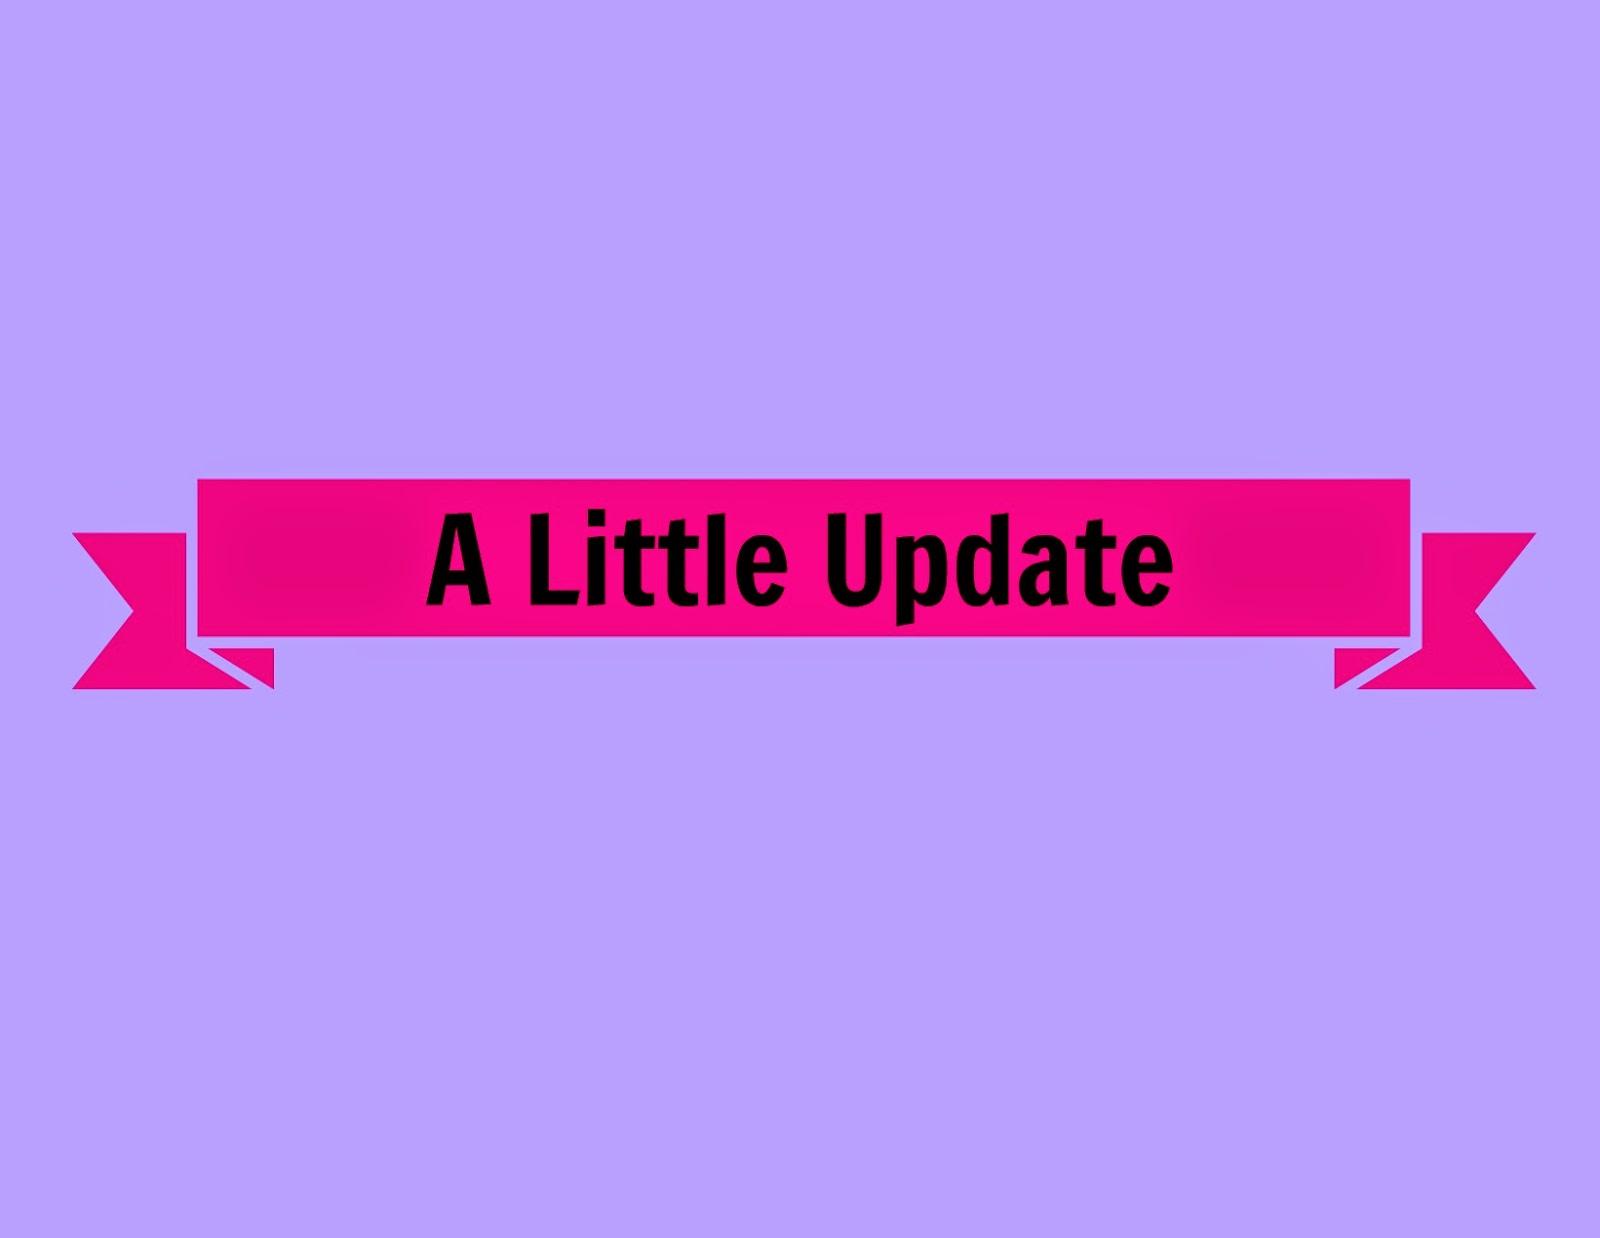 A Little Update